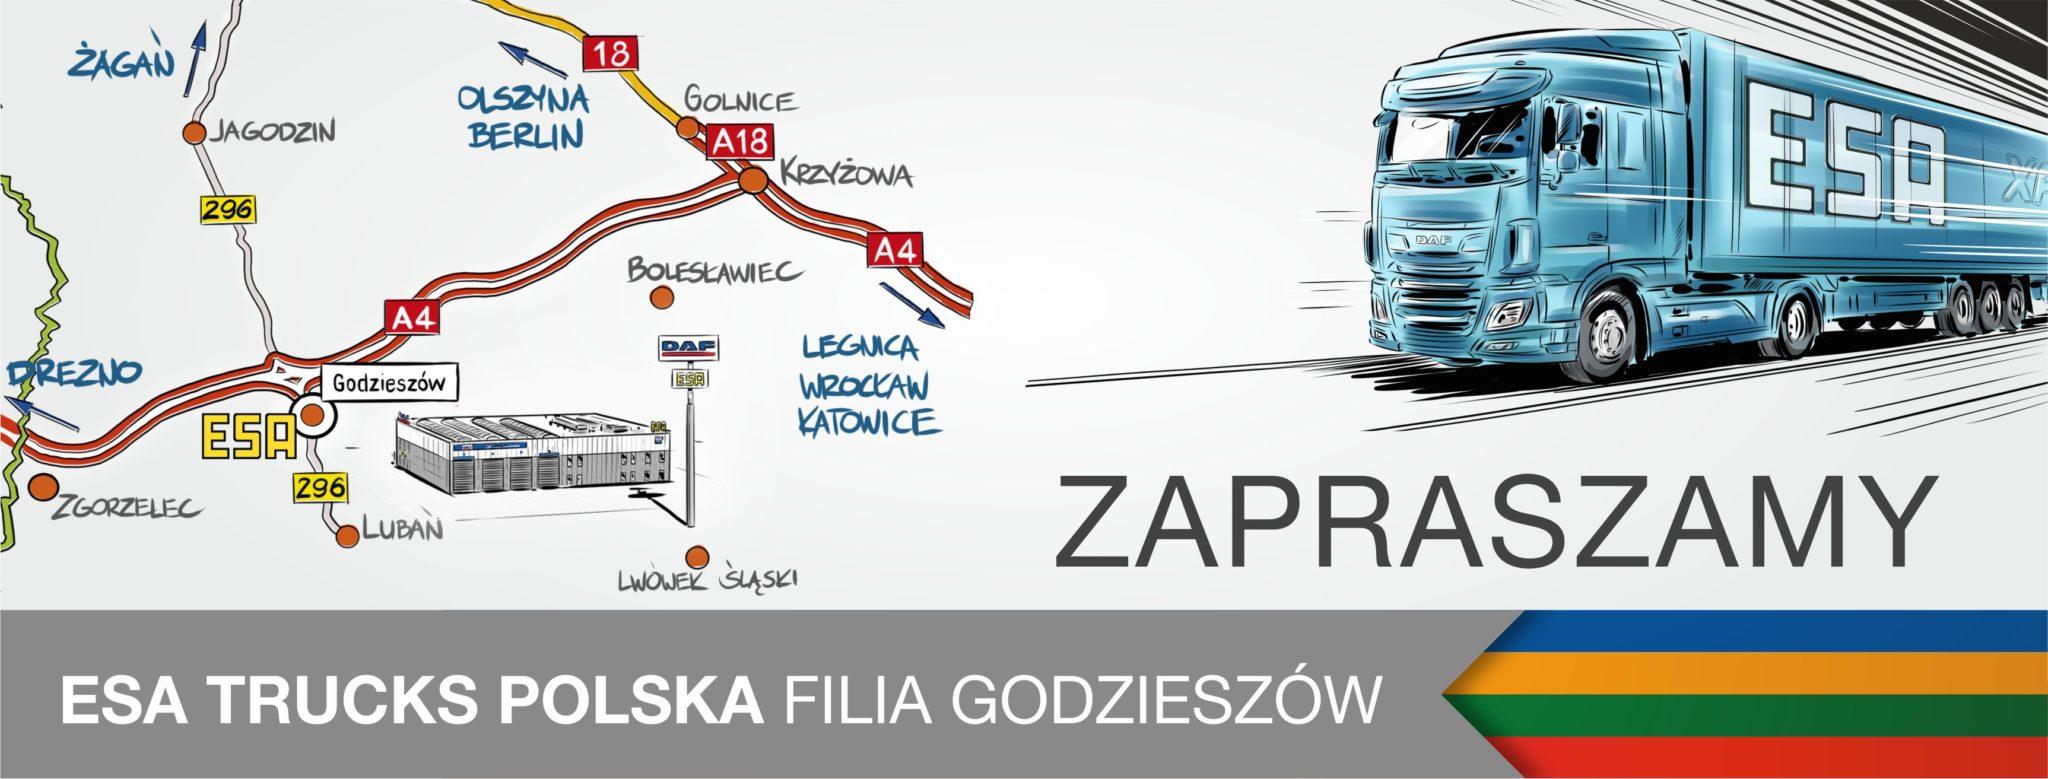 Filia Godzieszów